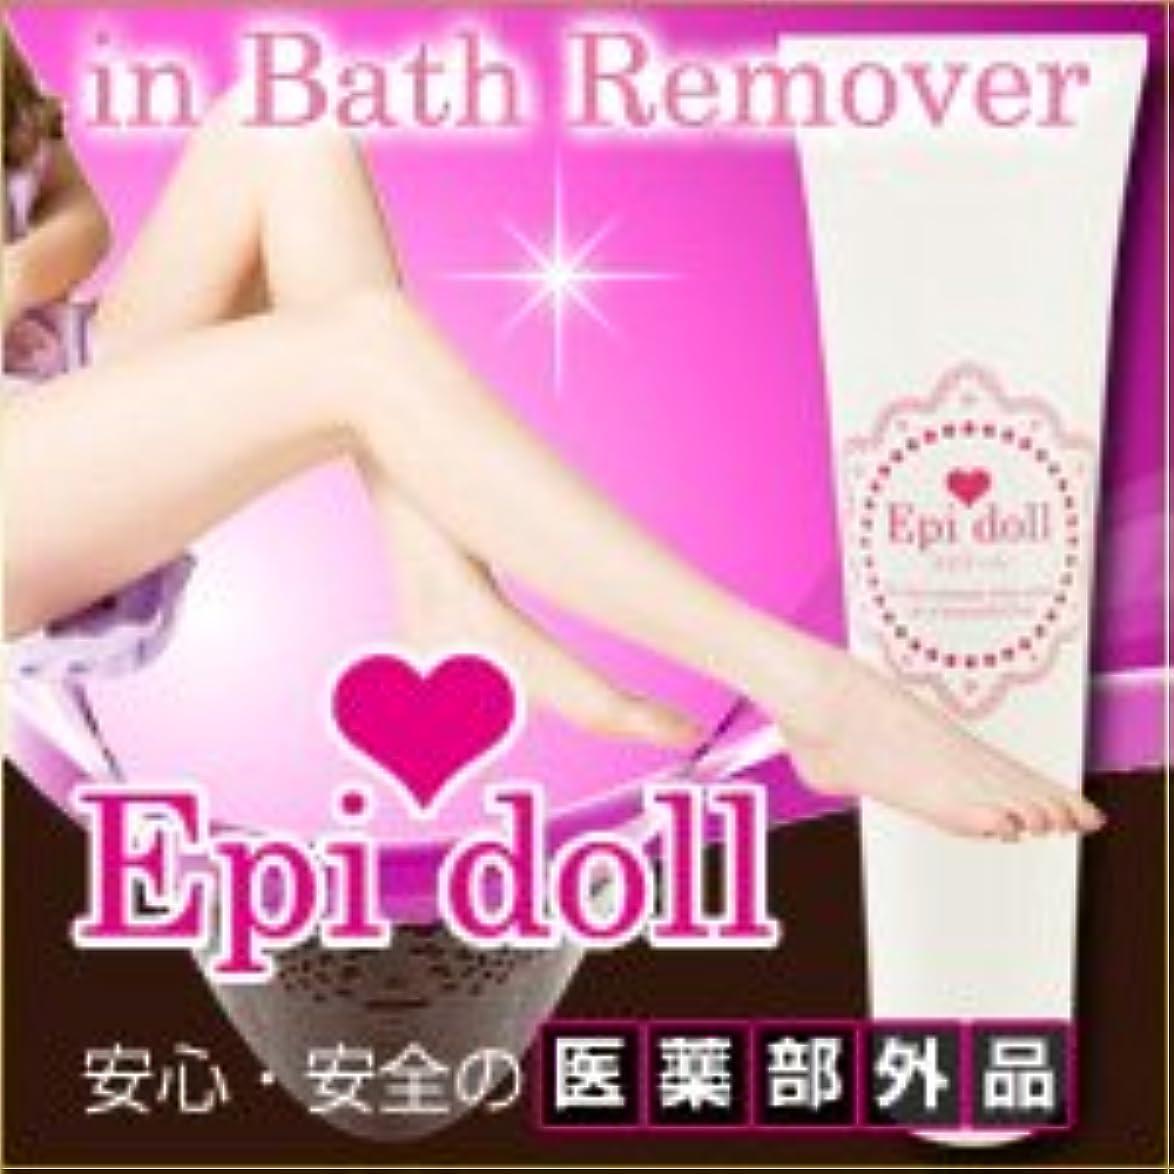 アンティークしばしば共産主義者【医薬部外品 Epi doll in bath remover(エピドール インバスリムーバー)】